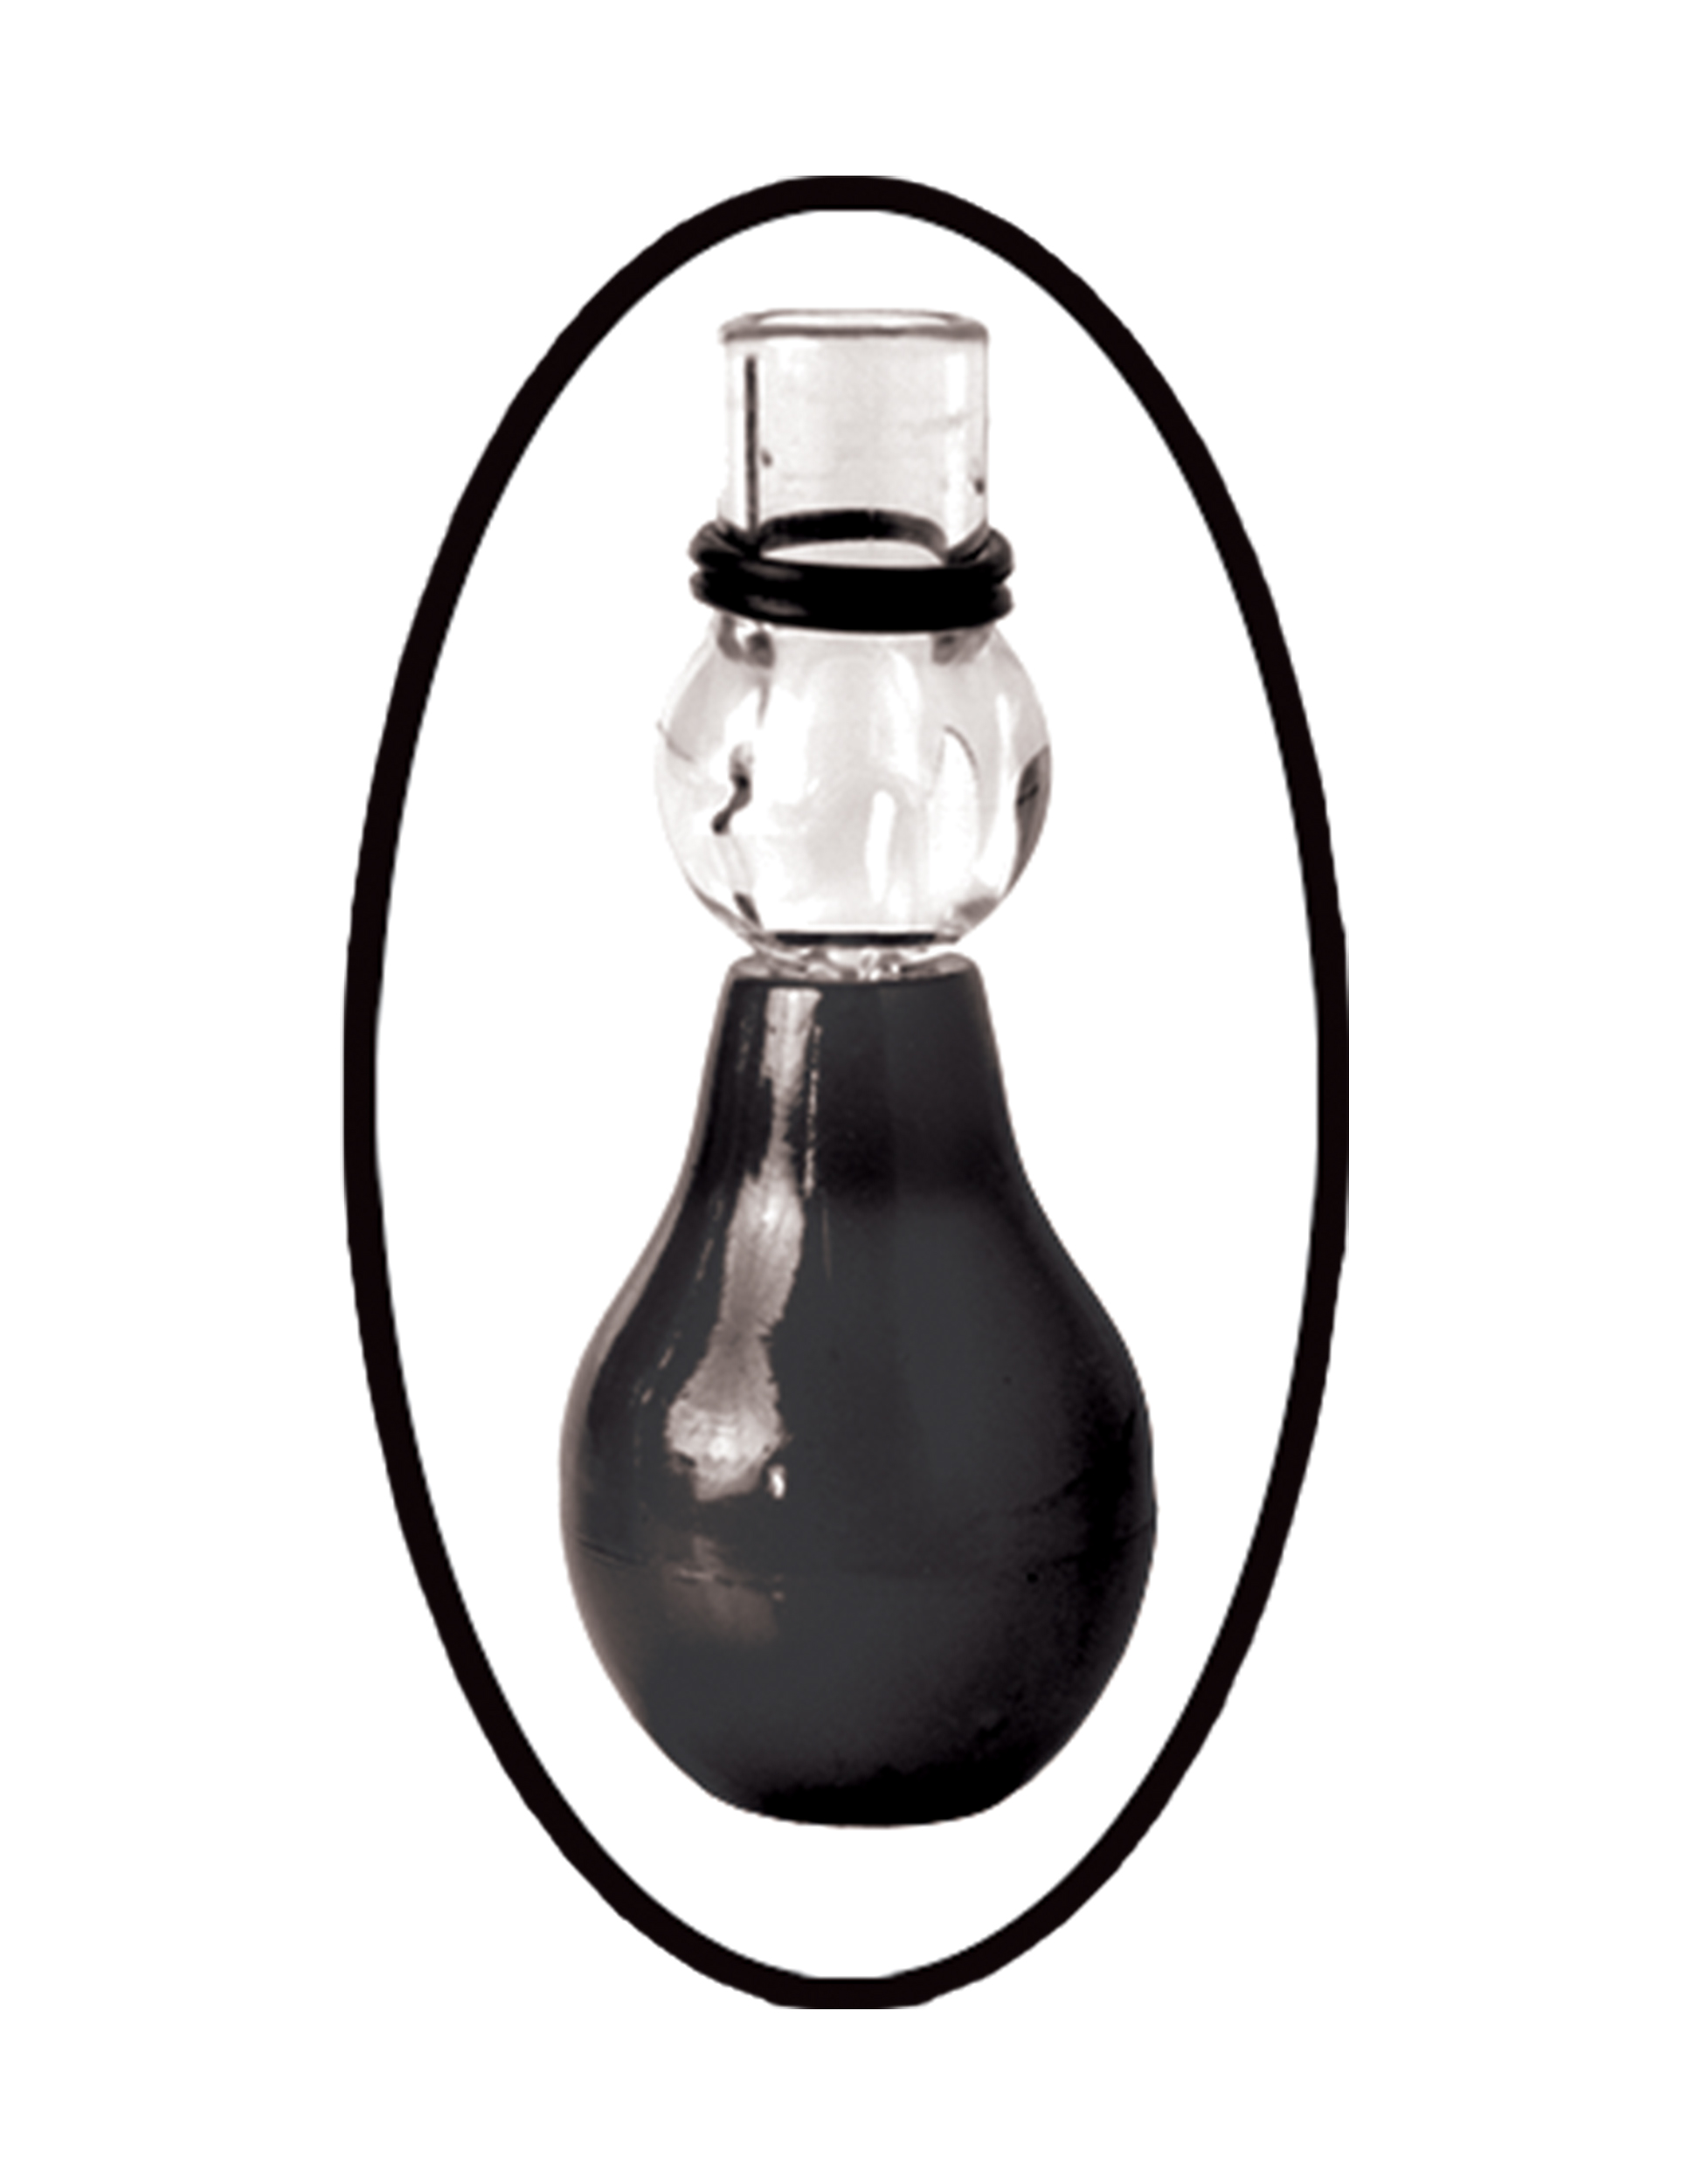 Чёрные помпы на соски с вибрацией cordless vibrating nipple suckers коллекции fetish fantasy series 19 фотография